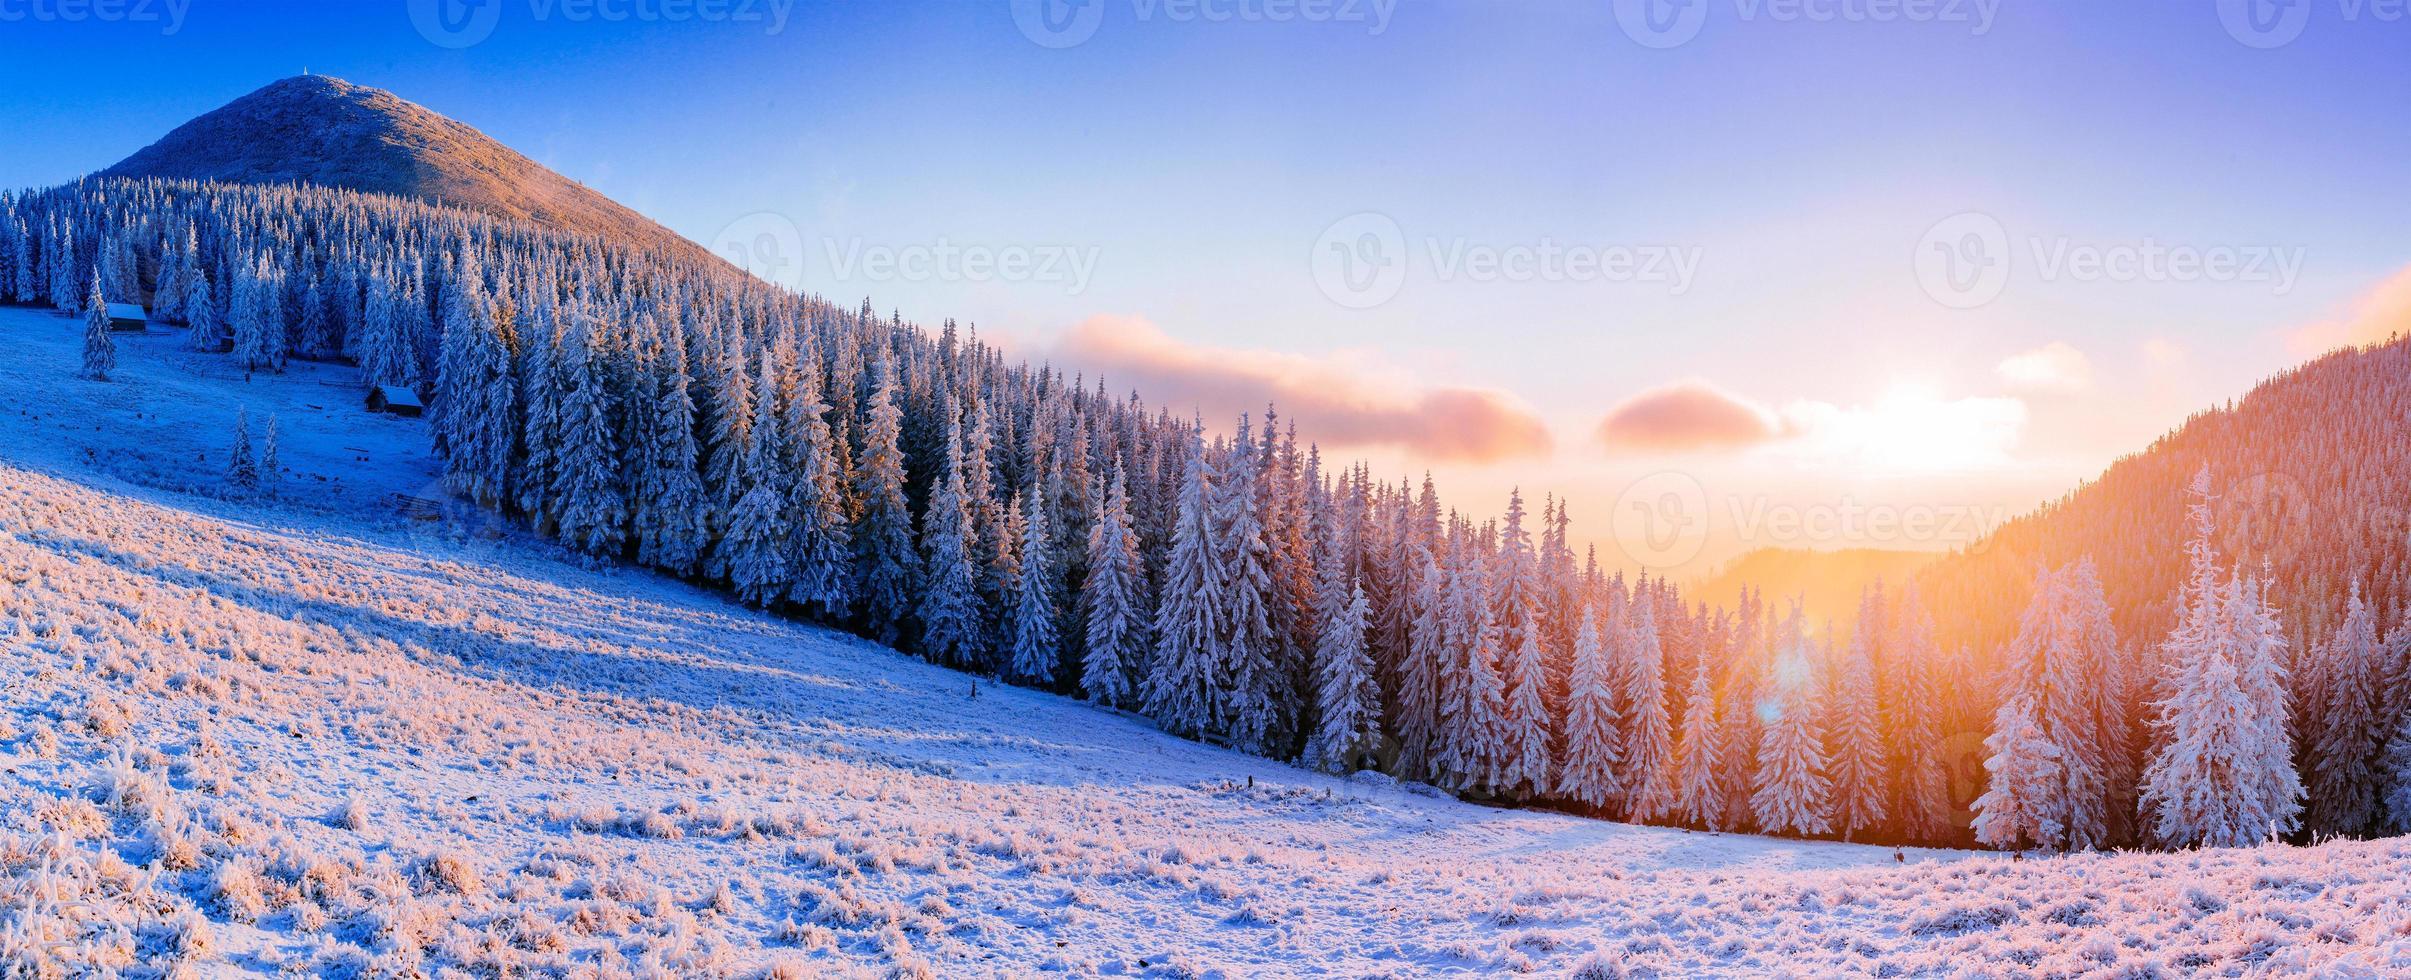 vinterlandskapsträd i frost foto